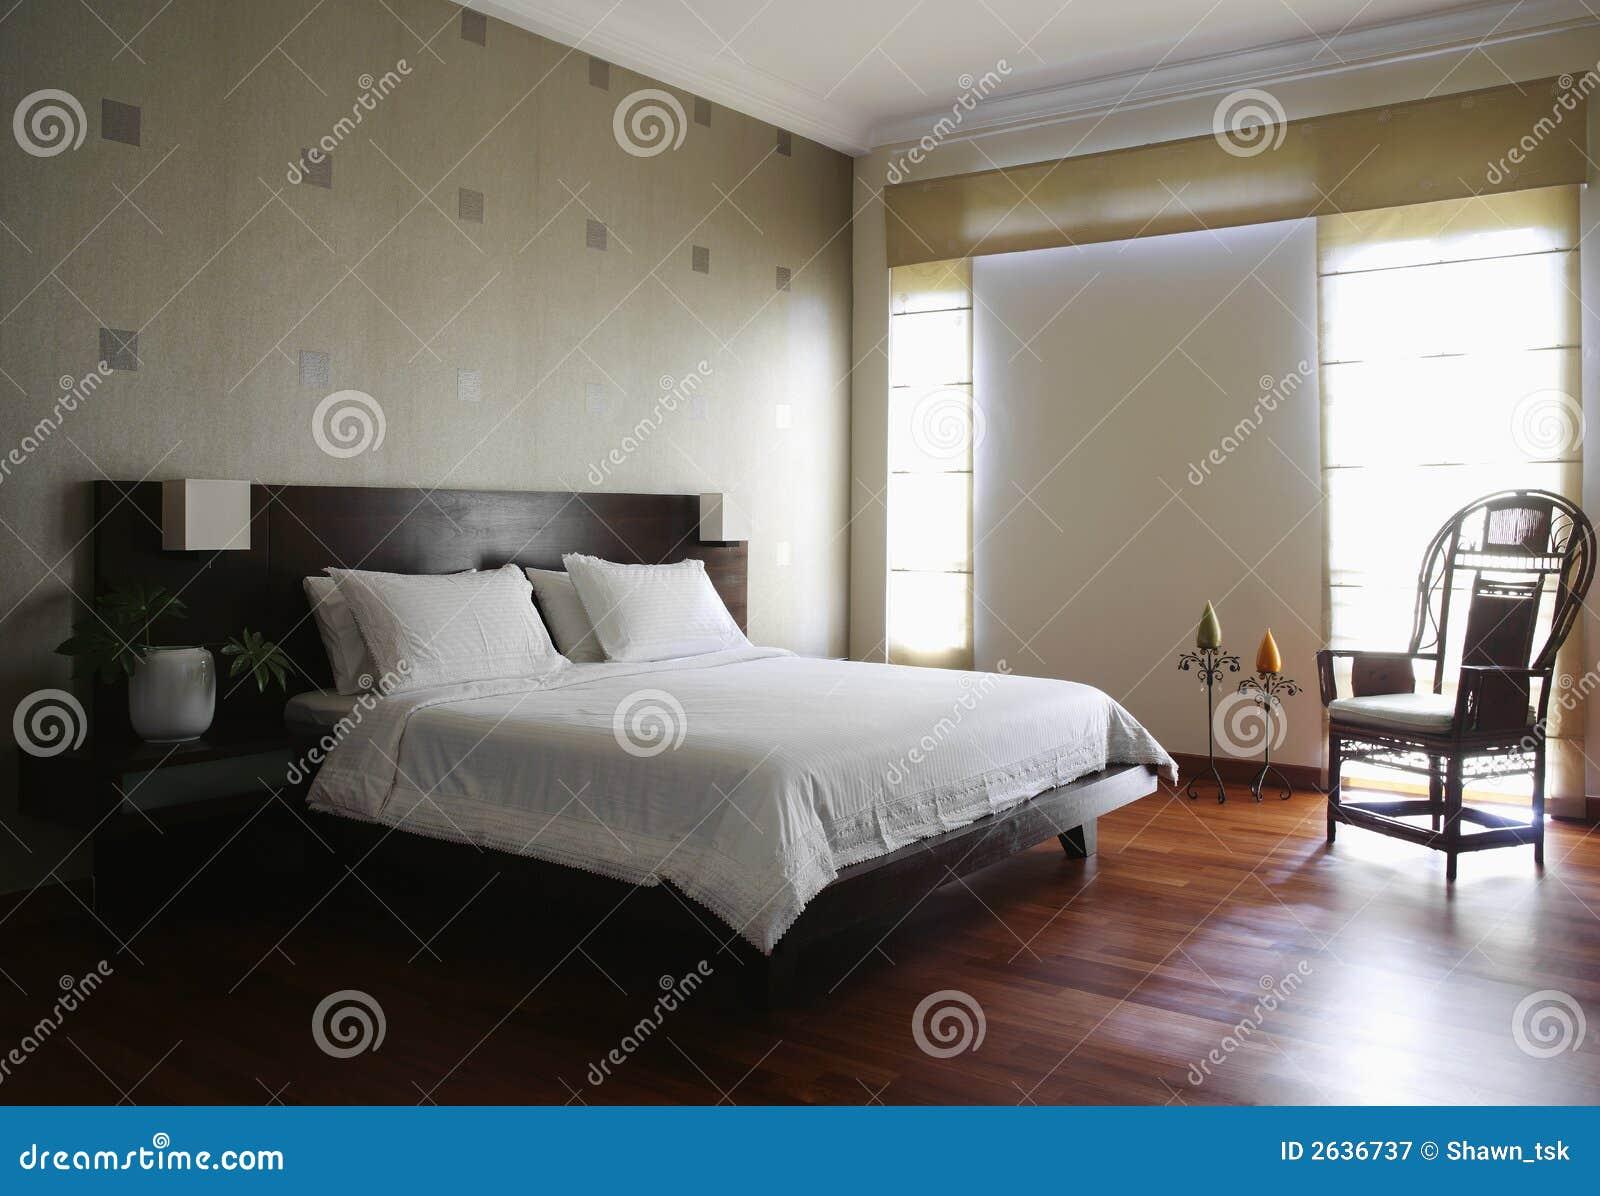 Innenarchitektur - Schlafzimmer Lizenzfreie Stockfotografie - Bild ...